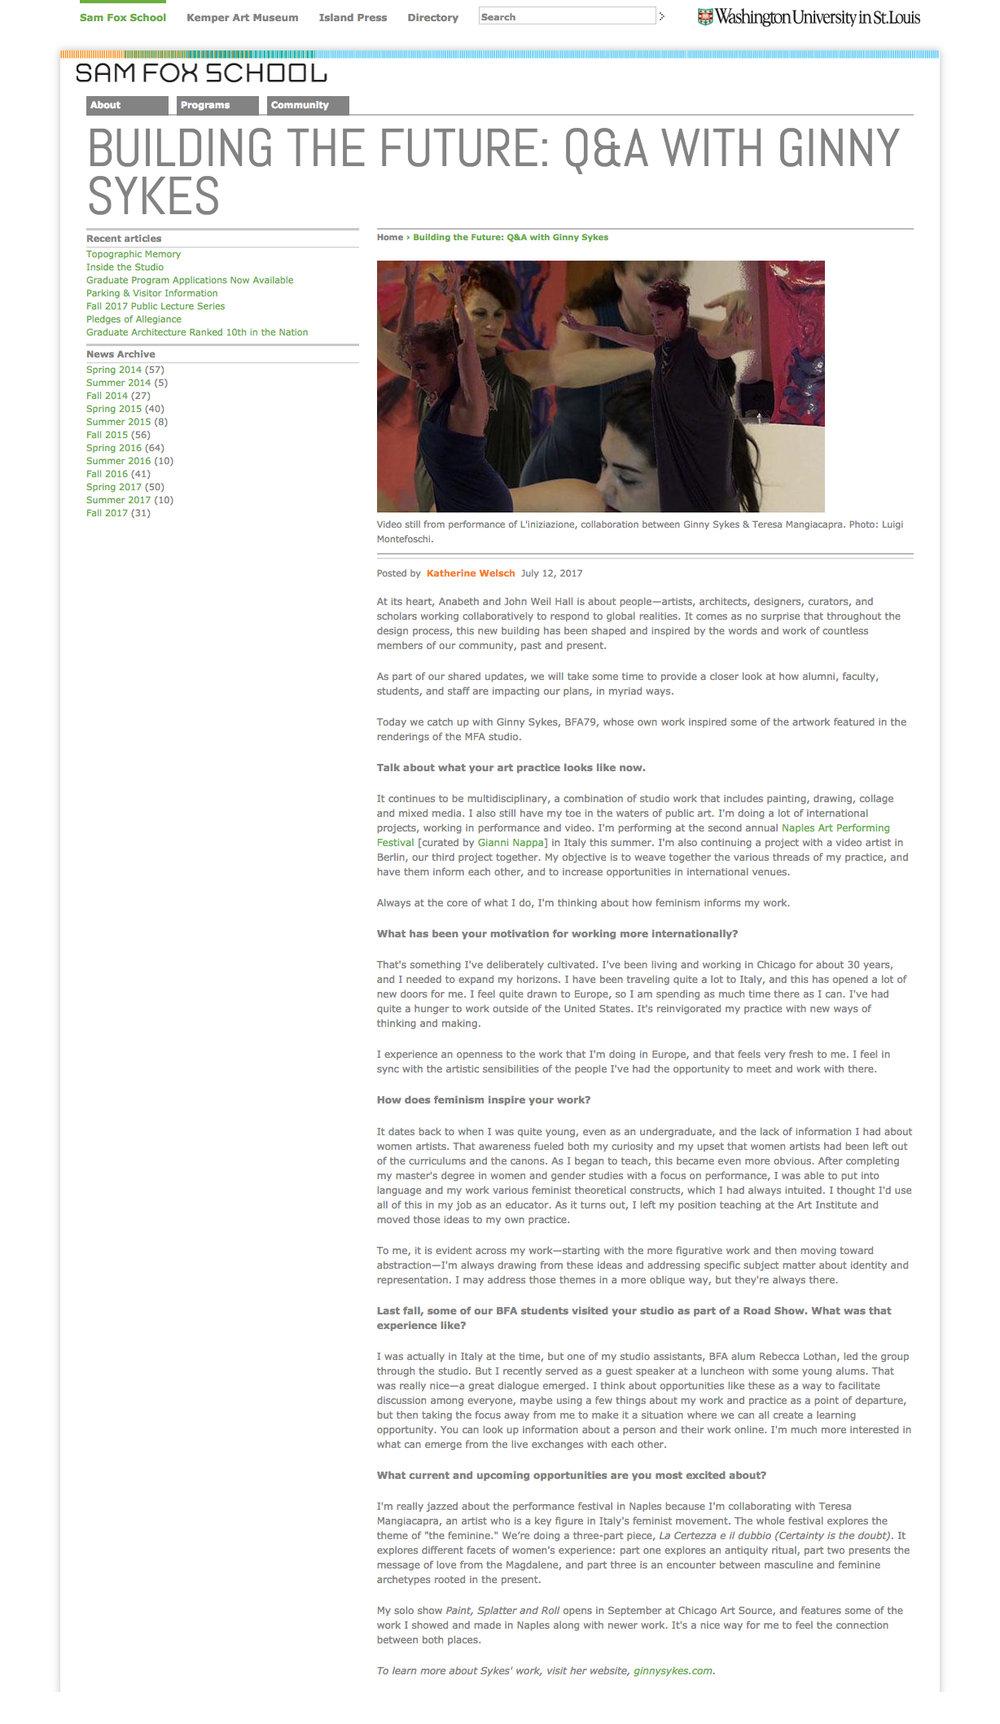 UW_interview_sykes.jpg